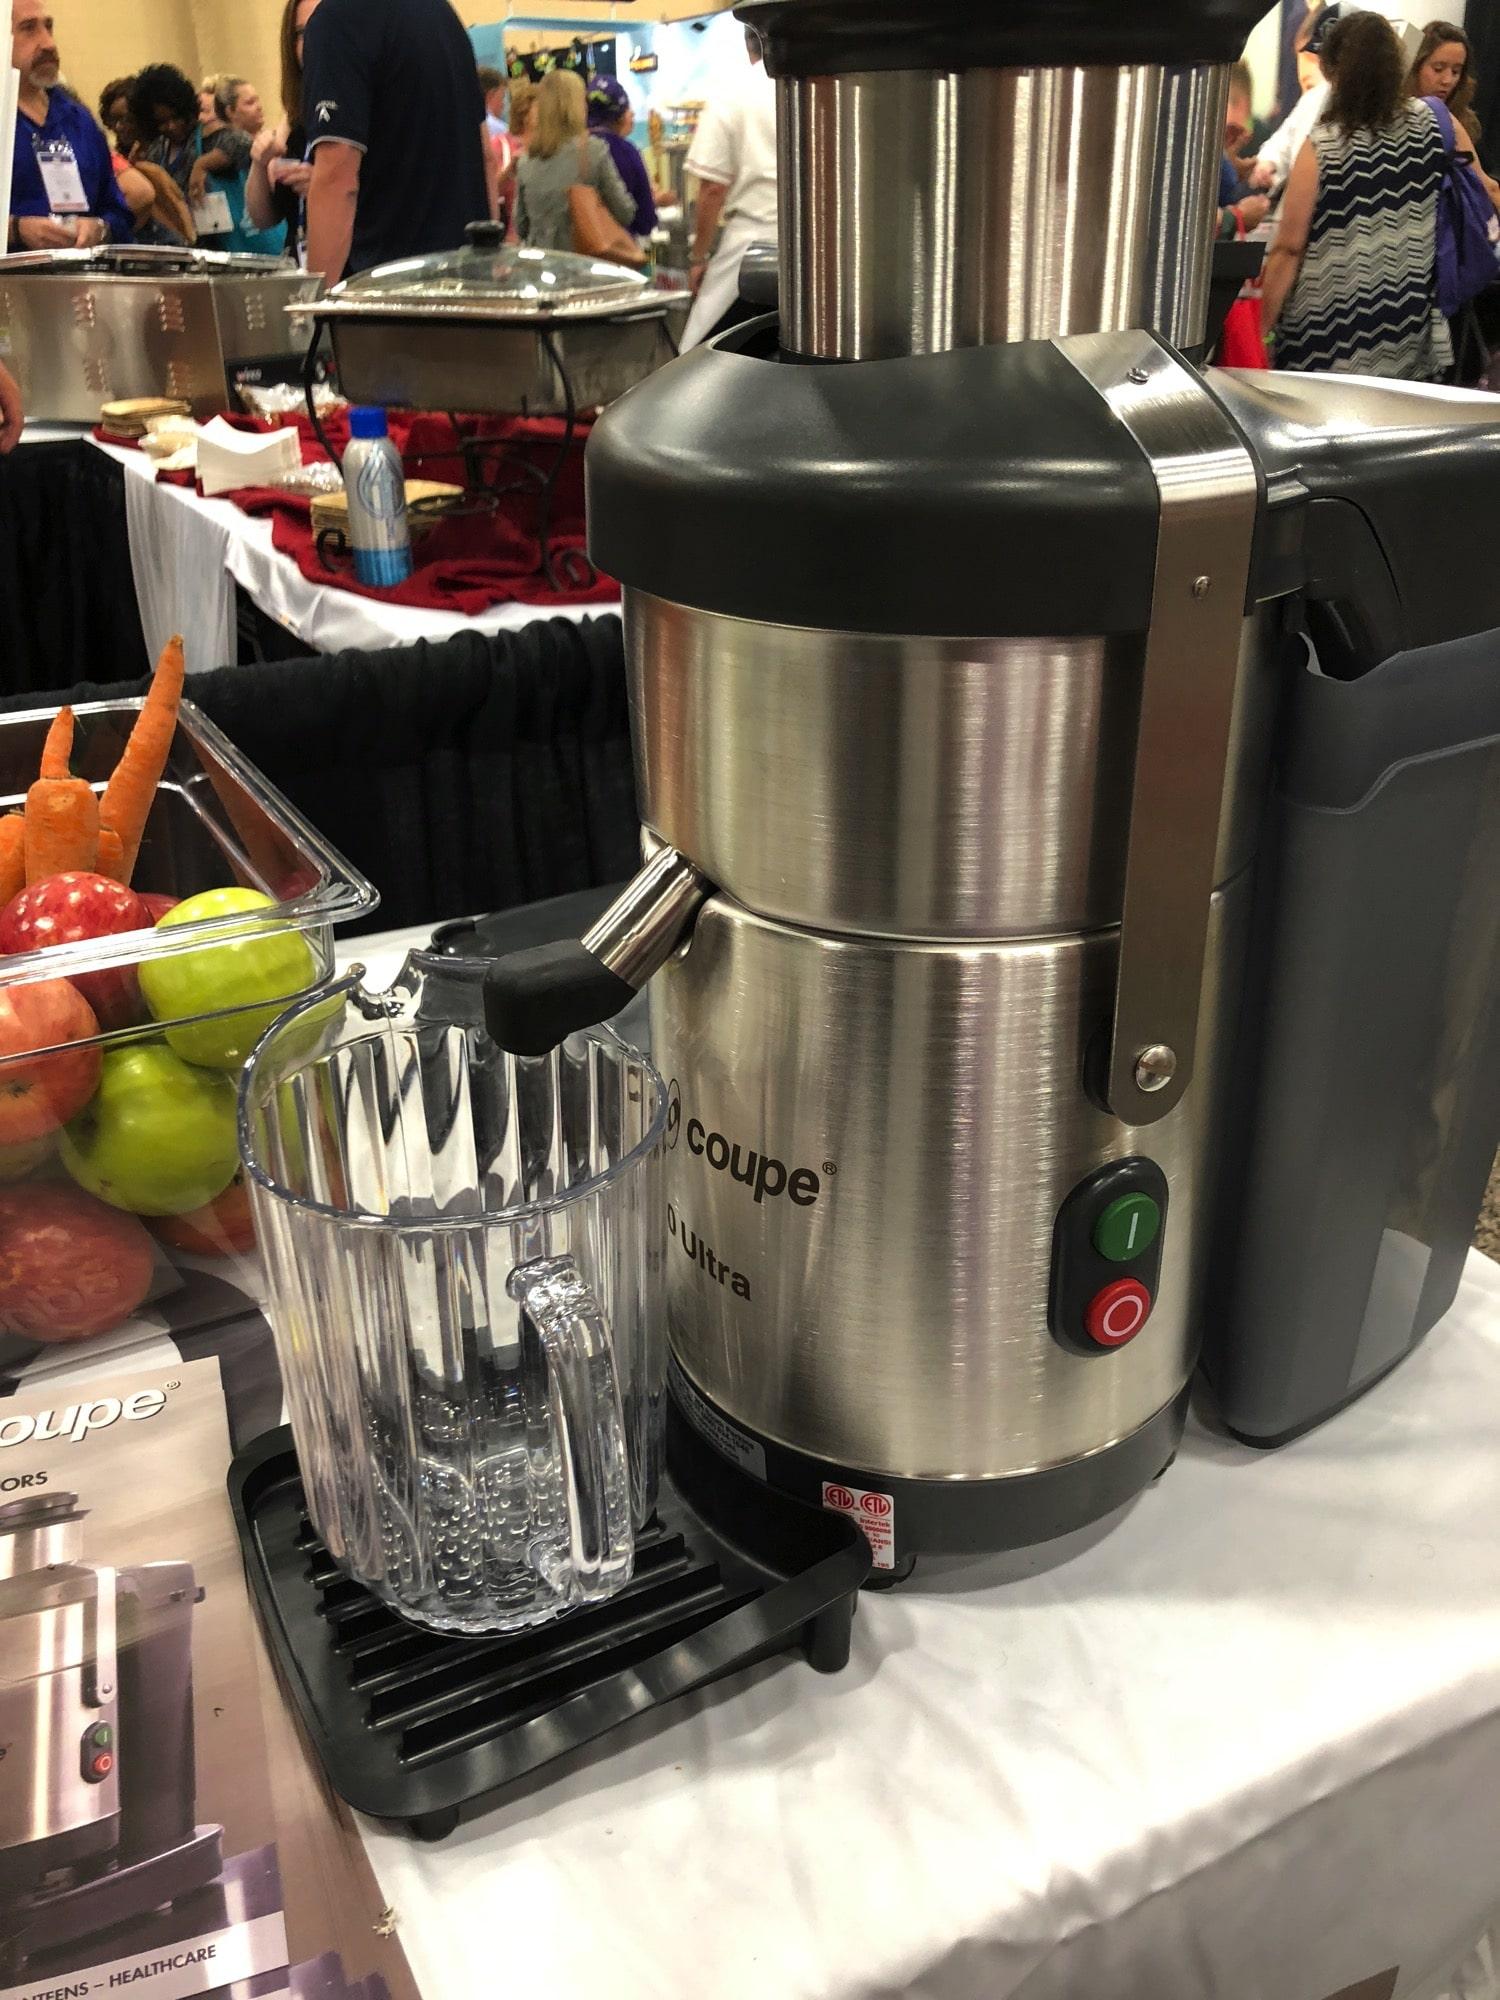 juice + veggie cutter